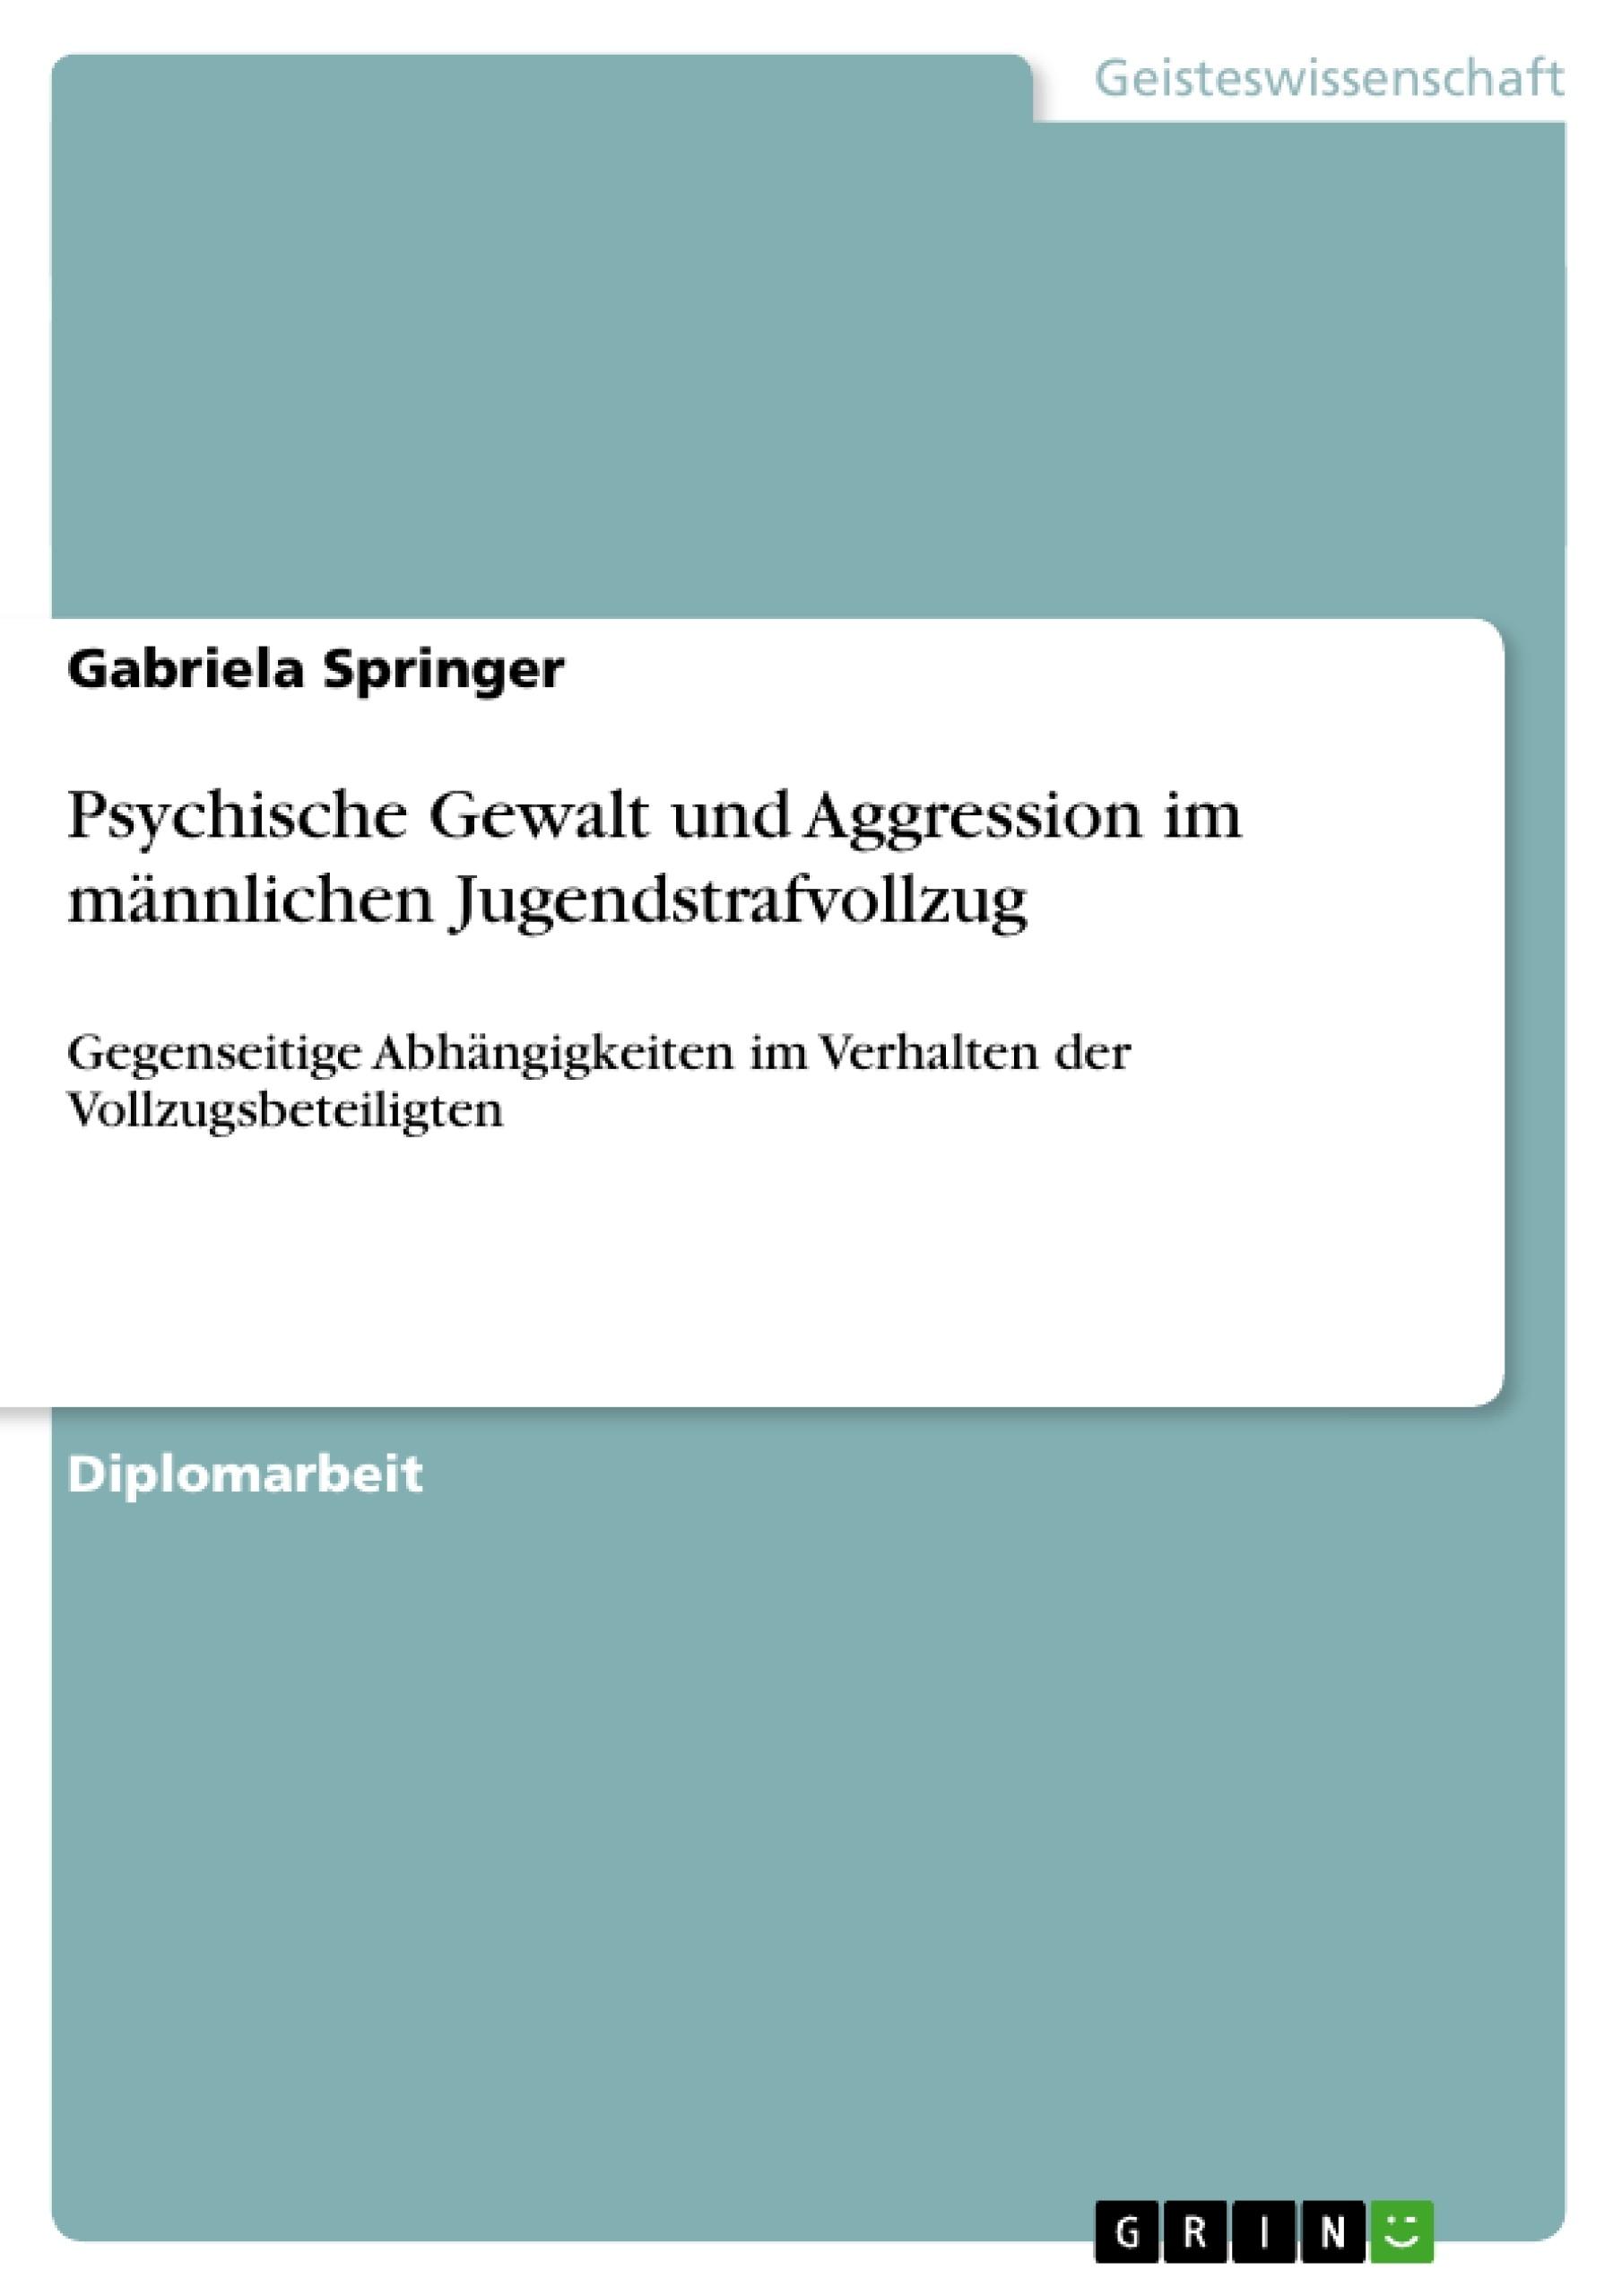 Titel: Psychische Gewalt und Aggression im männlichen Jugendstrafvollzug